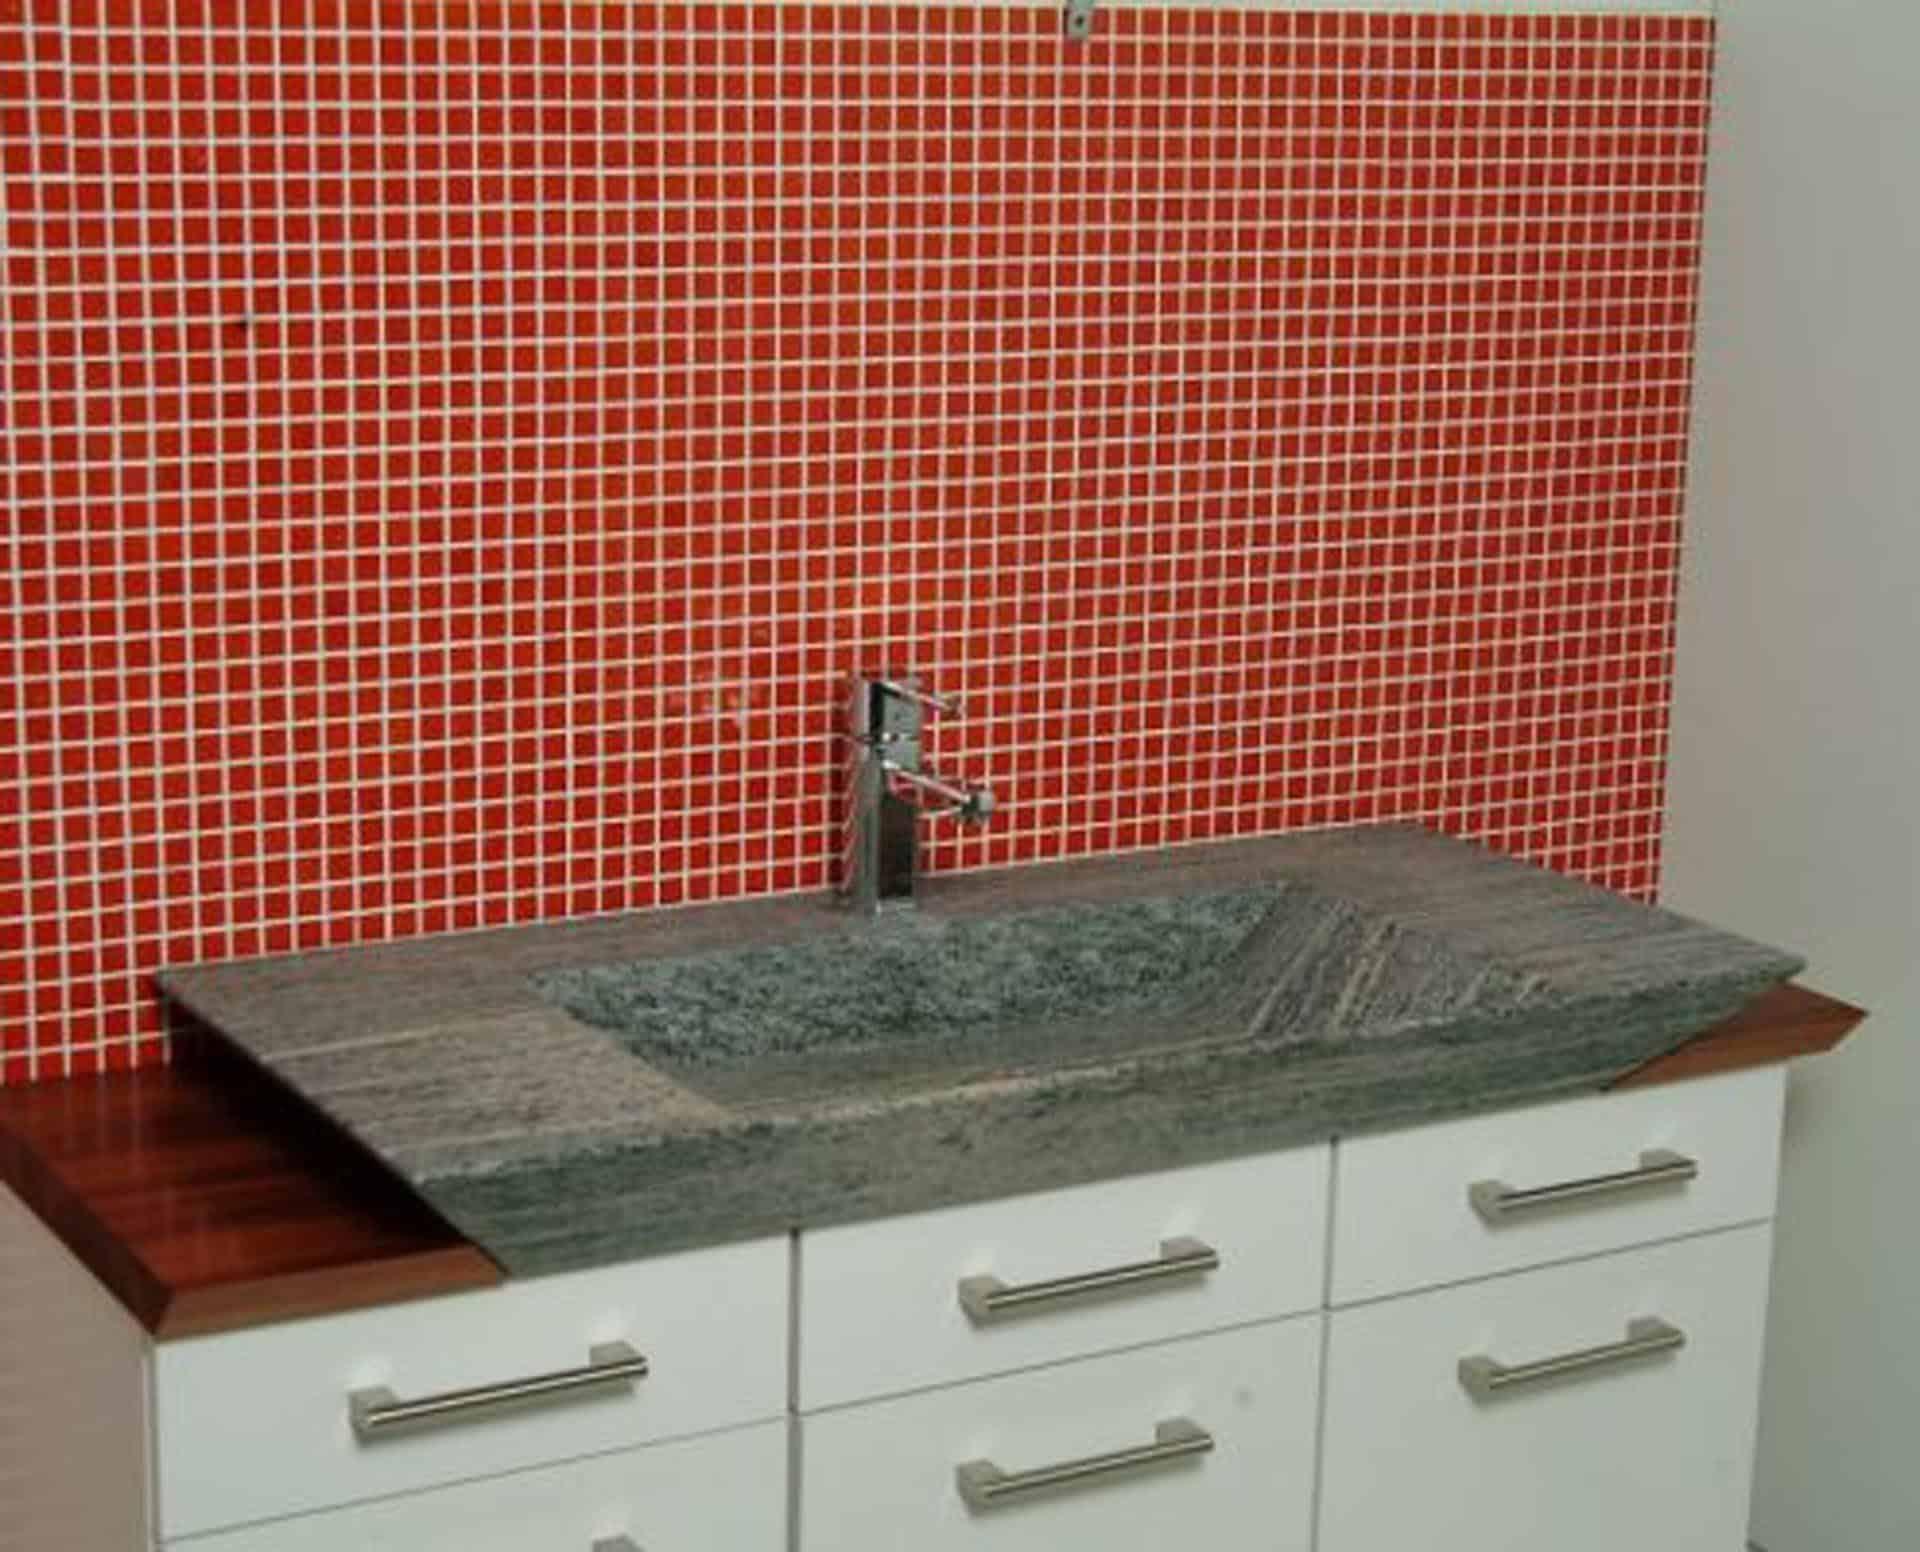 Eksklusiv designhåndvask fremstillet i massiv granit. Den røde granit har en mat finish. En ægte stenvask i målene: 80/100 x 35,5 x 10 cm. Vasken er bearbejdet ud af et helt stykke granit - vi fræser ganske enkelt en håndvask ud af sten. Alle de afsluttende små detaljer er håndlavet. Med denne vask vil man få et stykke natur hjem i badeværelset. Det er kvalitet, som holder mange år ud i tiden. Vasken kan bruges som fritstående vask - da vasken er flad i bunden er den velegnet til at placere direkte på en bordplade. Vasken er hensynsmæssigt designet med fine rundinger, som både giver vasken et eksklusivt udtryk og gør den rengøringsvenlig. Vasken vedligeholdes med voks - vi anbefaler en behandling med vores egen naturvoks ID12002 et par gange om året for at opnå optimalt look.